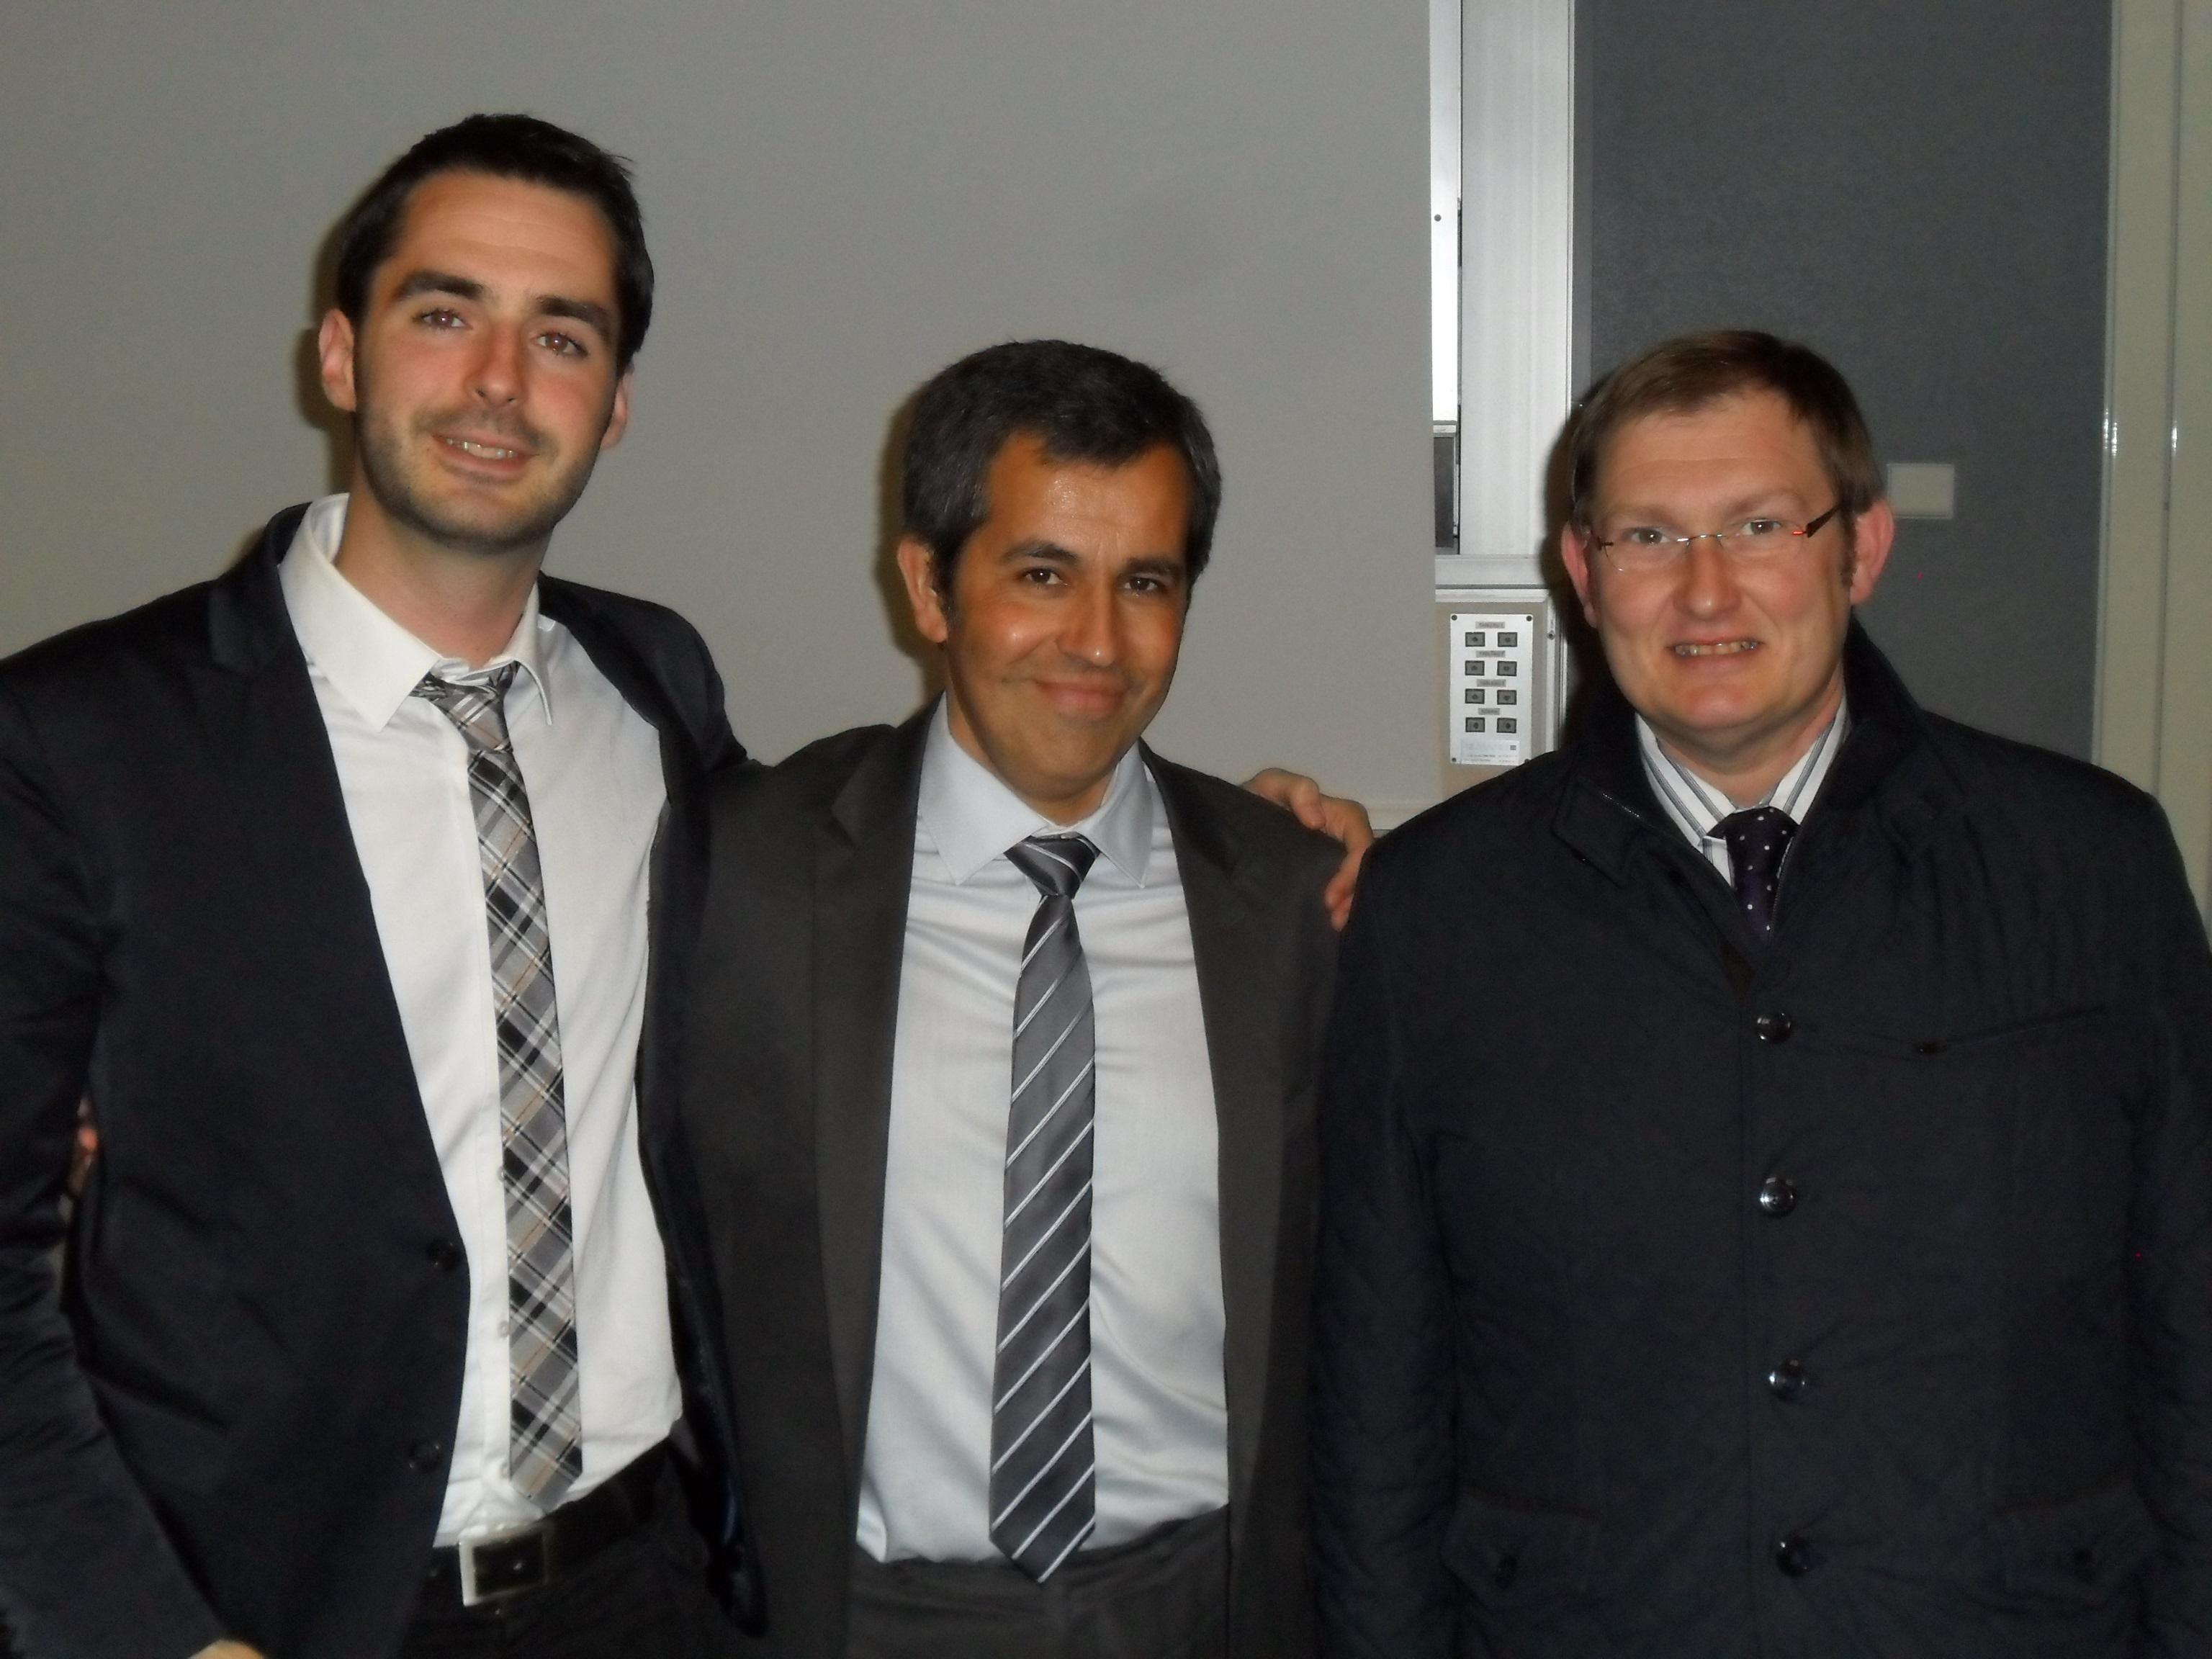 Adrián J. Sáez, Emmanuel Marigno y Juan M. Escudero.